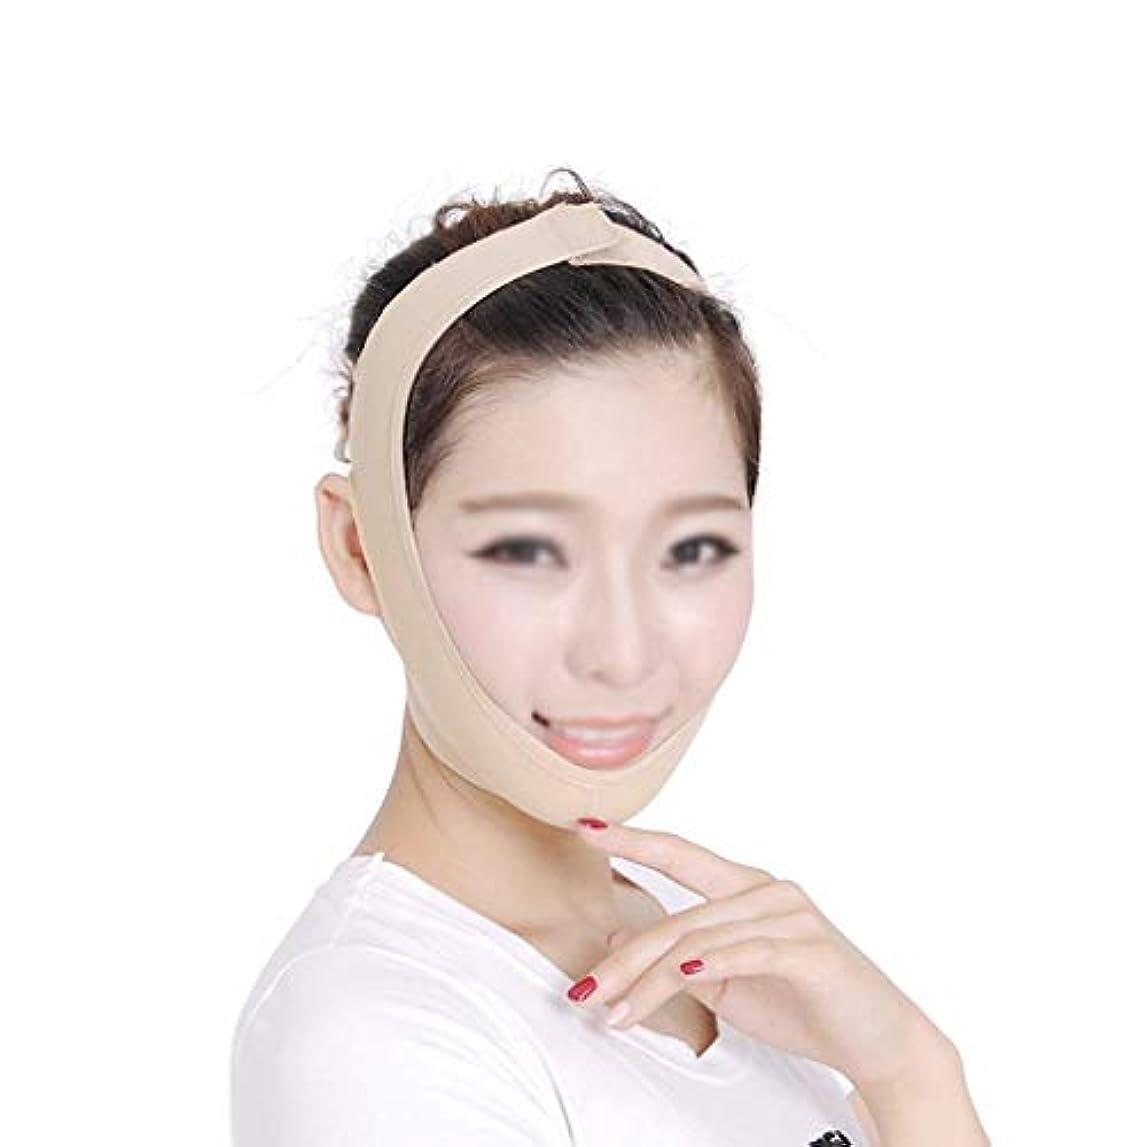 事前委託財産フェイシャル減量マスクリフティングフェイス、フェイスマスク、減量包帯を除去するためのダブルチン、フェイシャルリフティング包帯、ダブルチンを減らすためのリフティングベルト(カラー:ブラック、サイズ:M),イエローピンク、XL